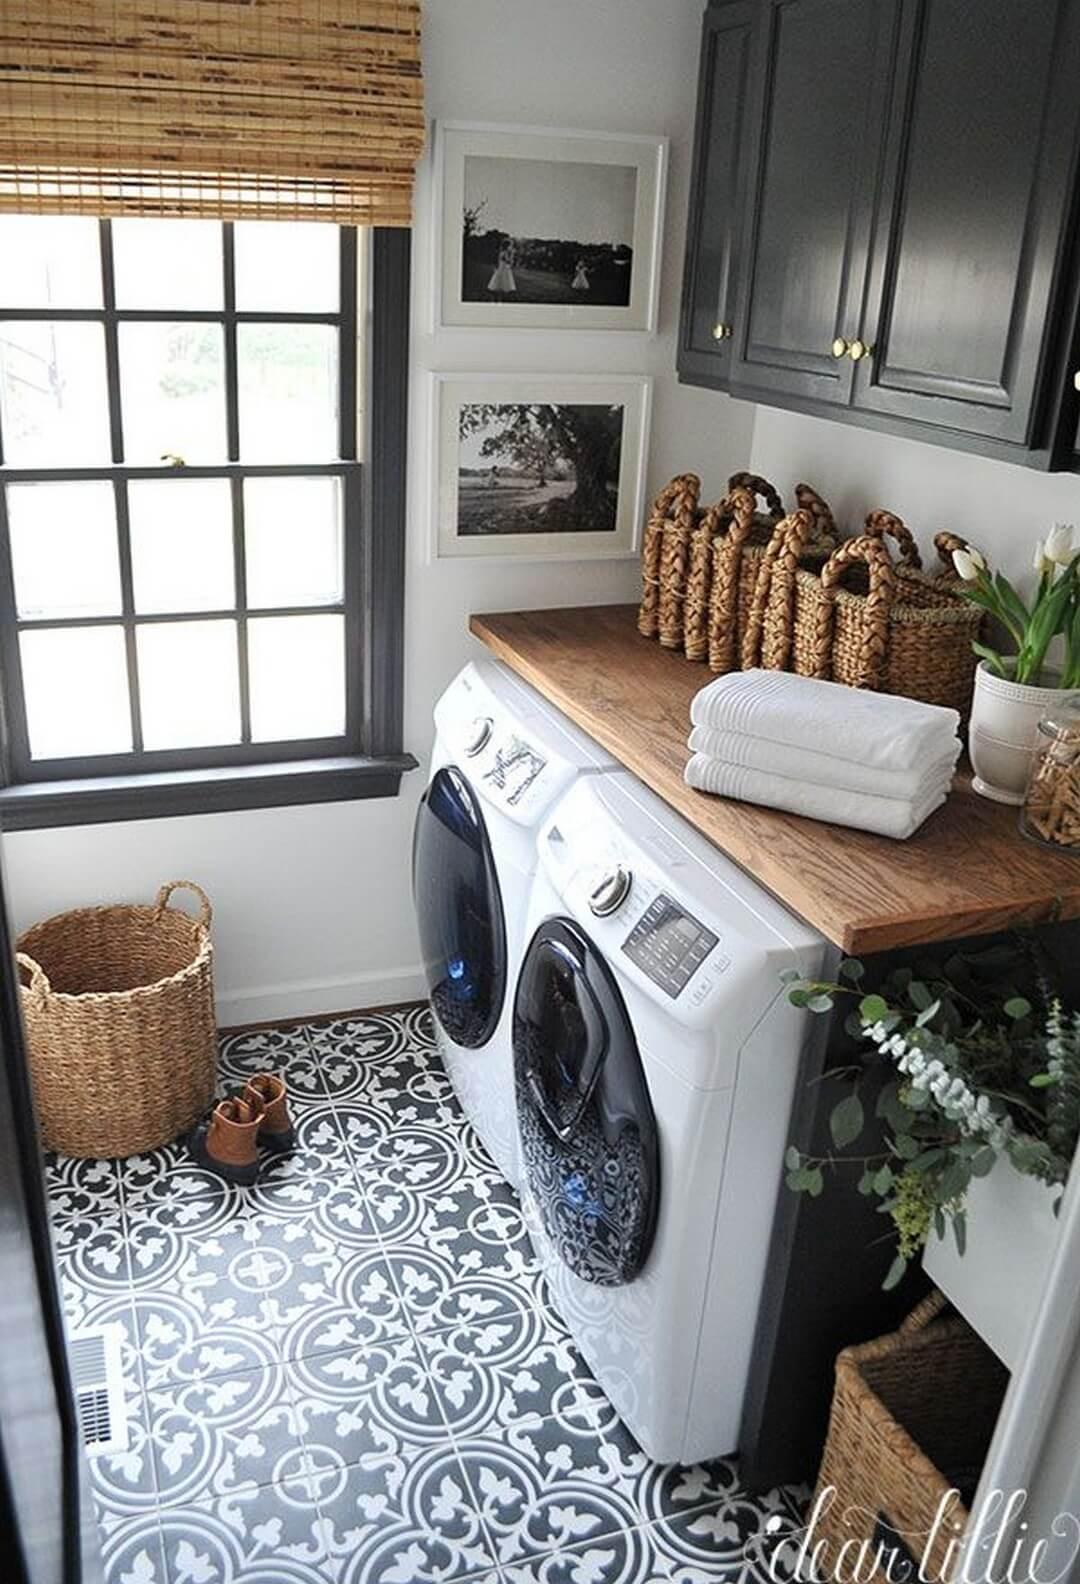 lavanderia decor 7